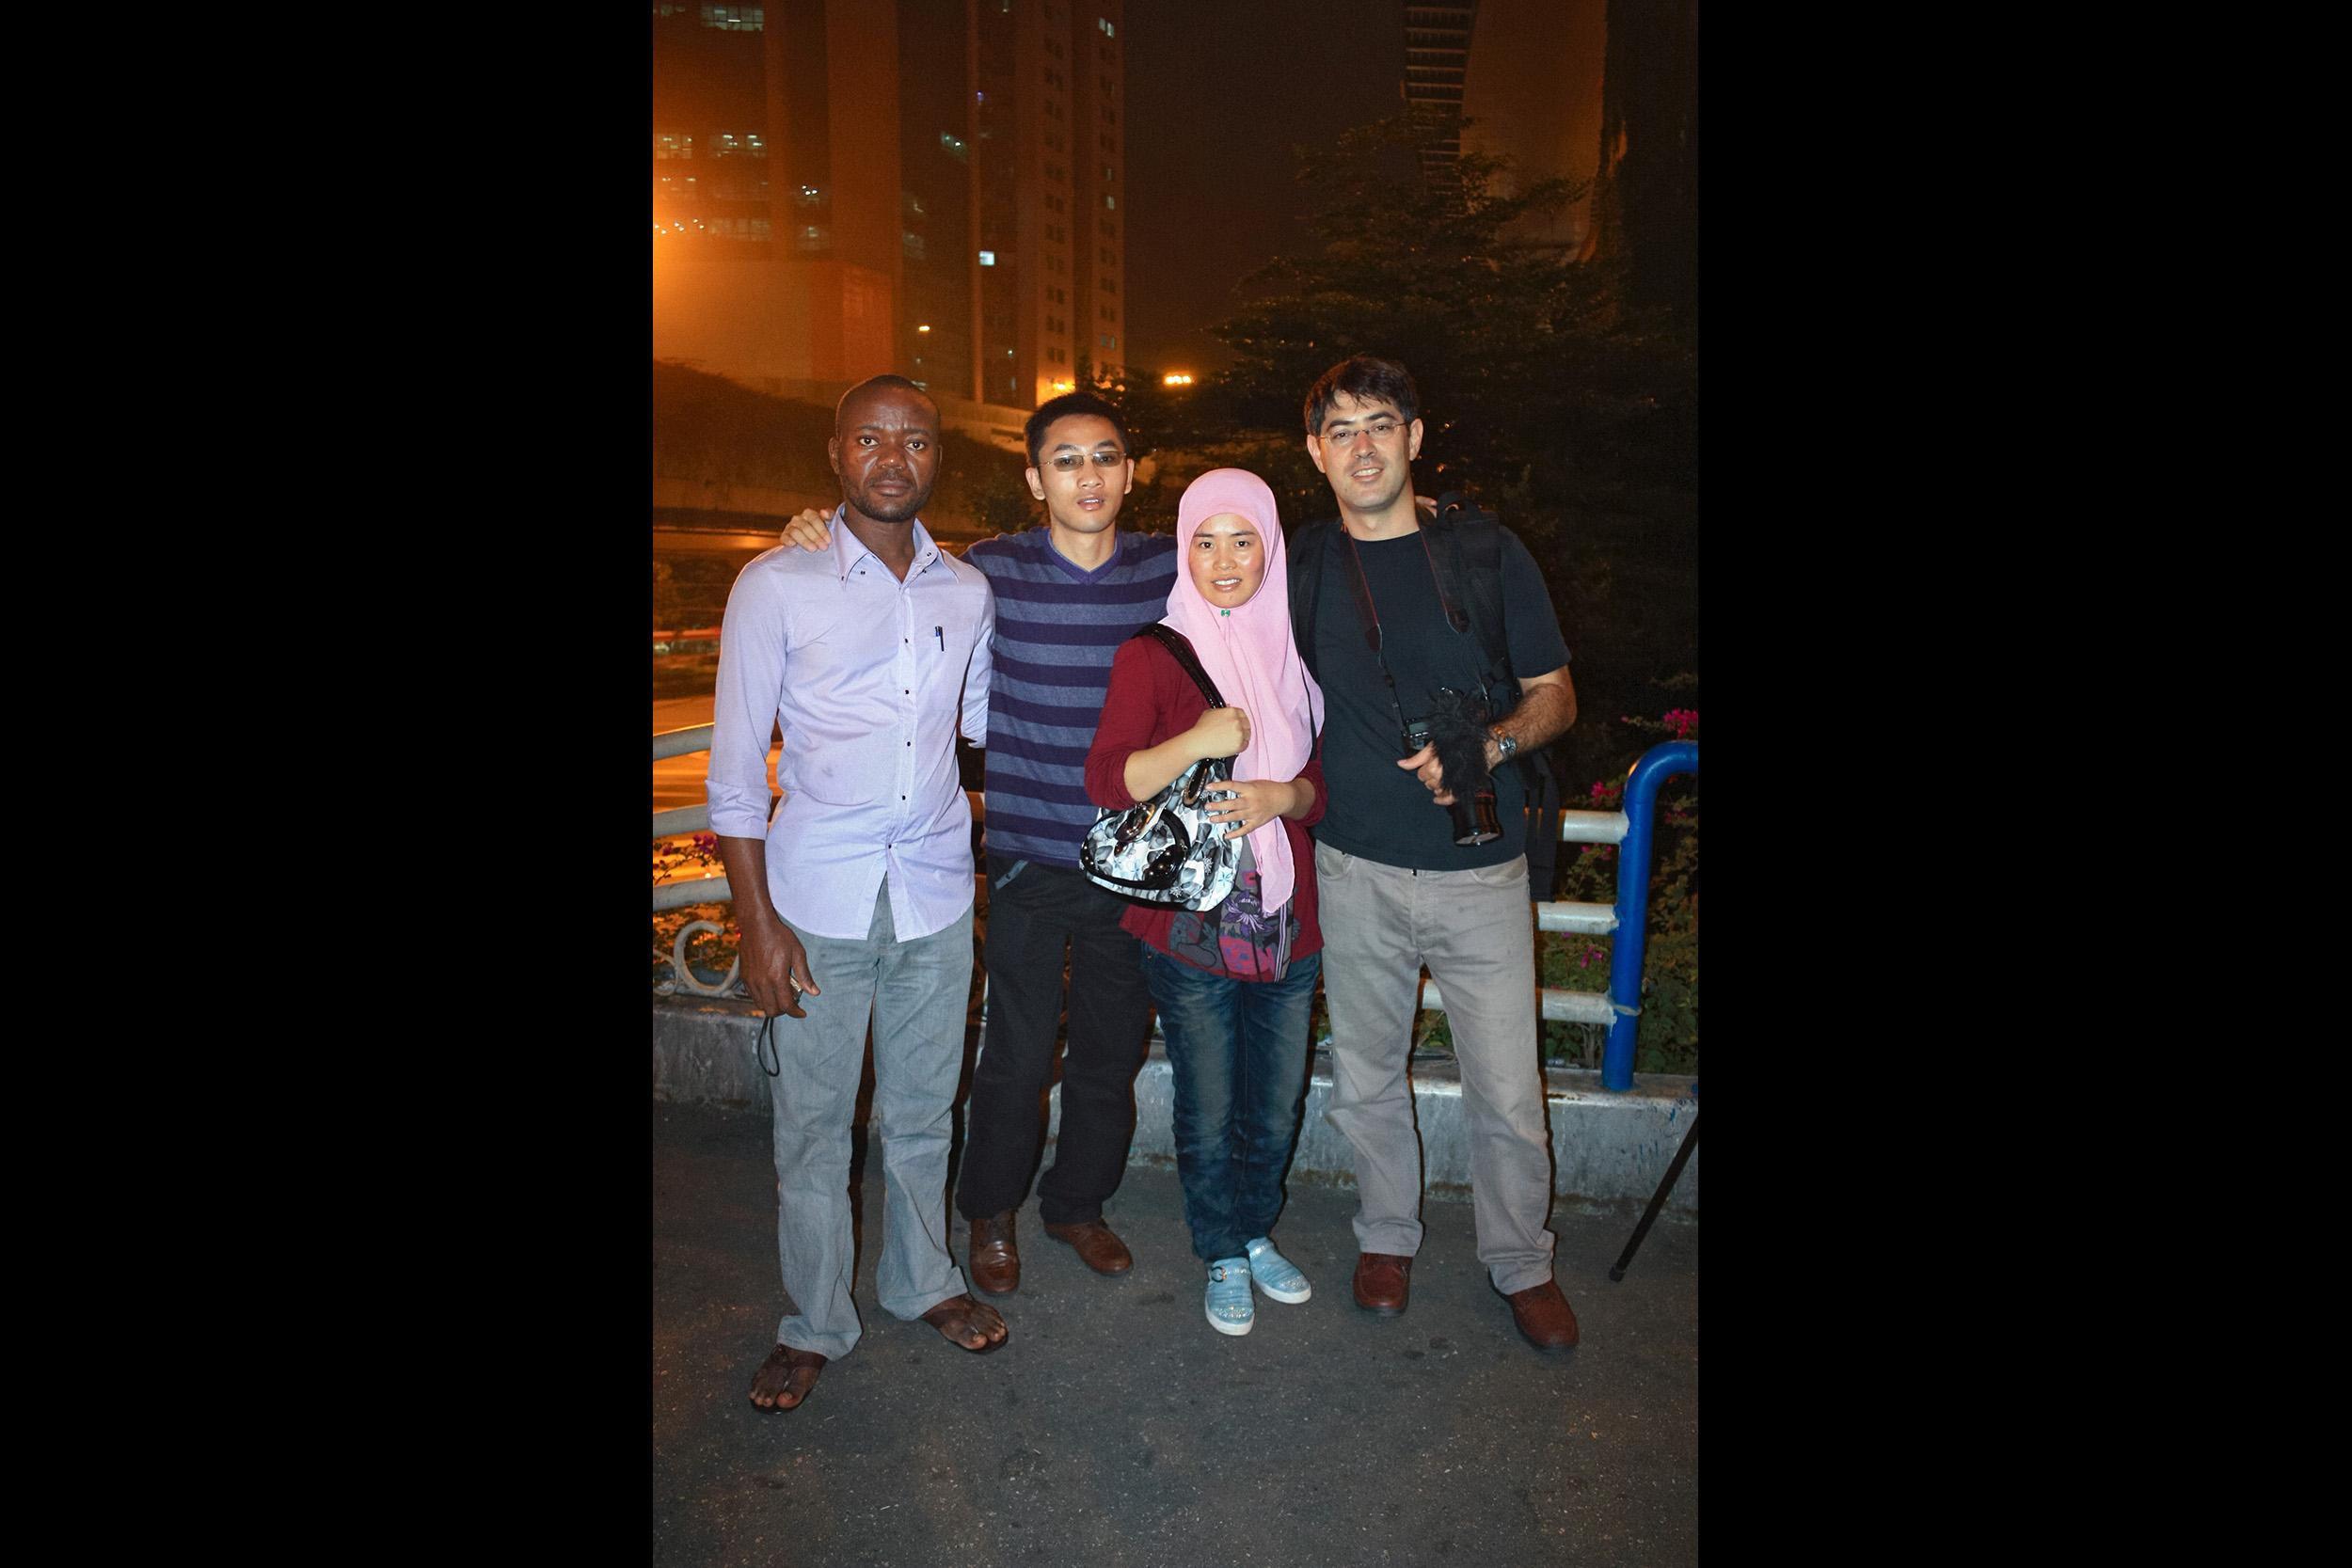 Daniel Traub with three of Zeng Xian Fang's customers